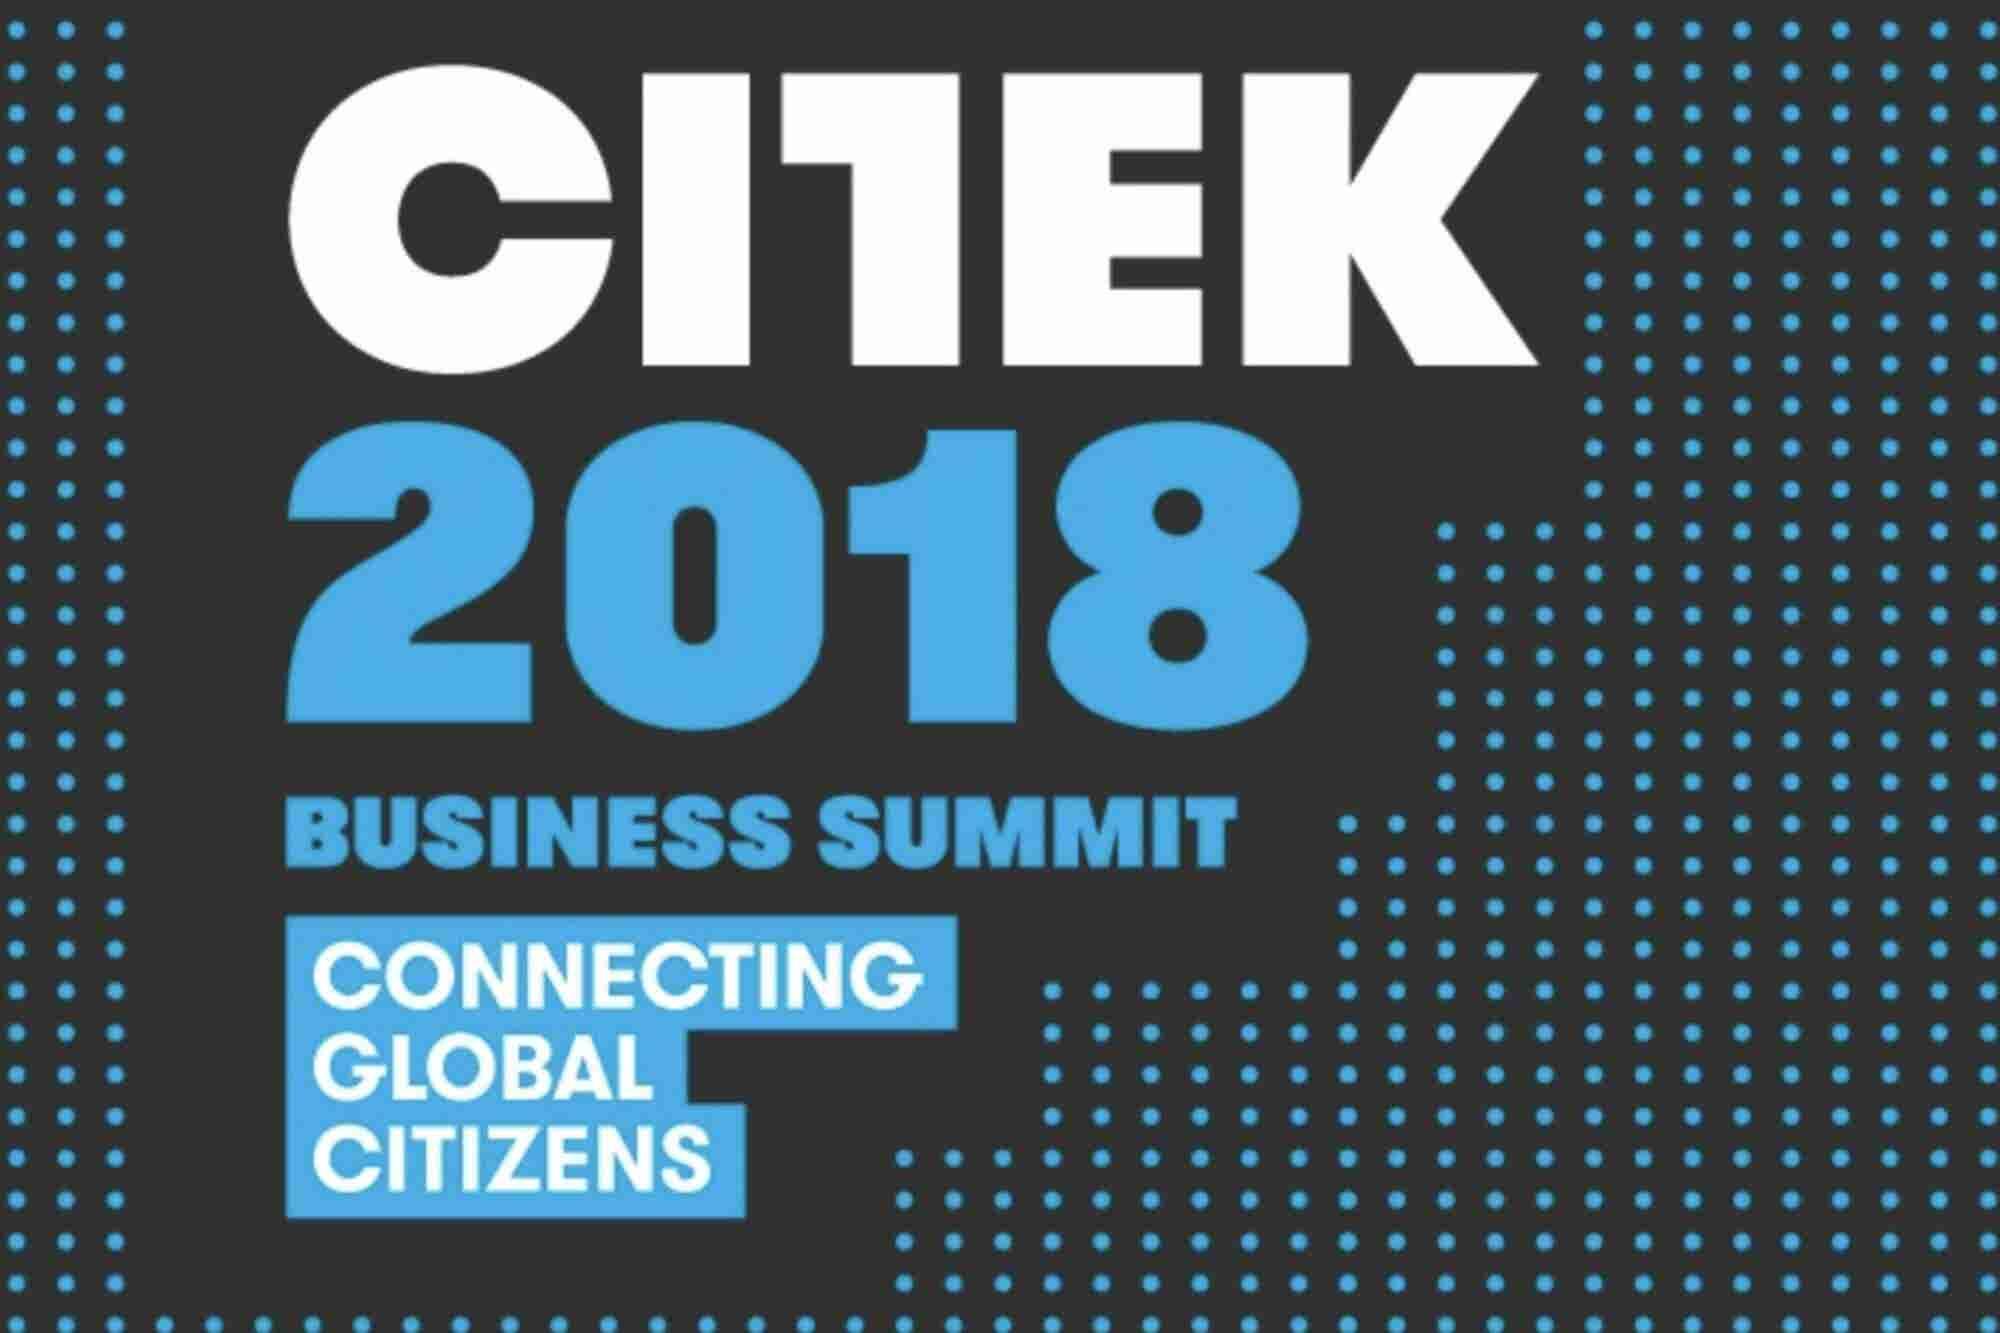 ¿Quieres ser un líder que transforme al mundo? CITEK 2018 es el evento...